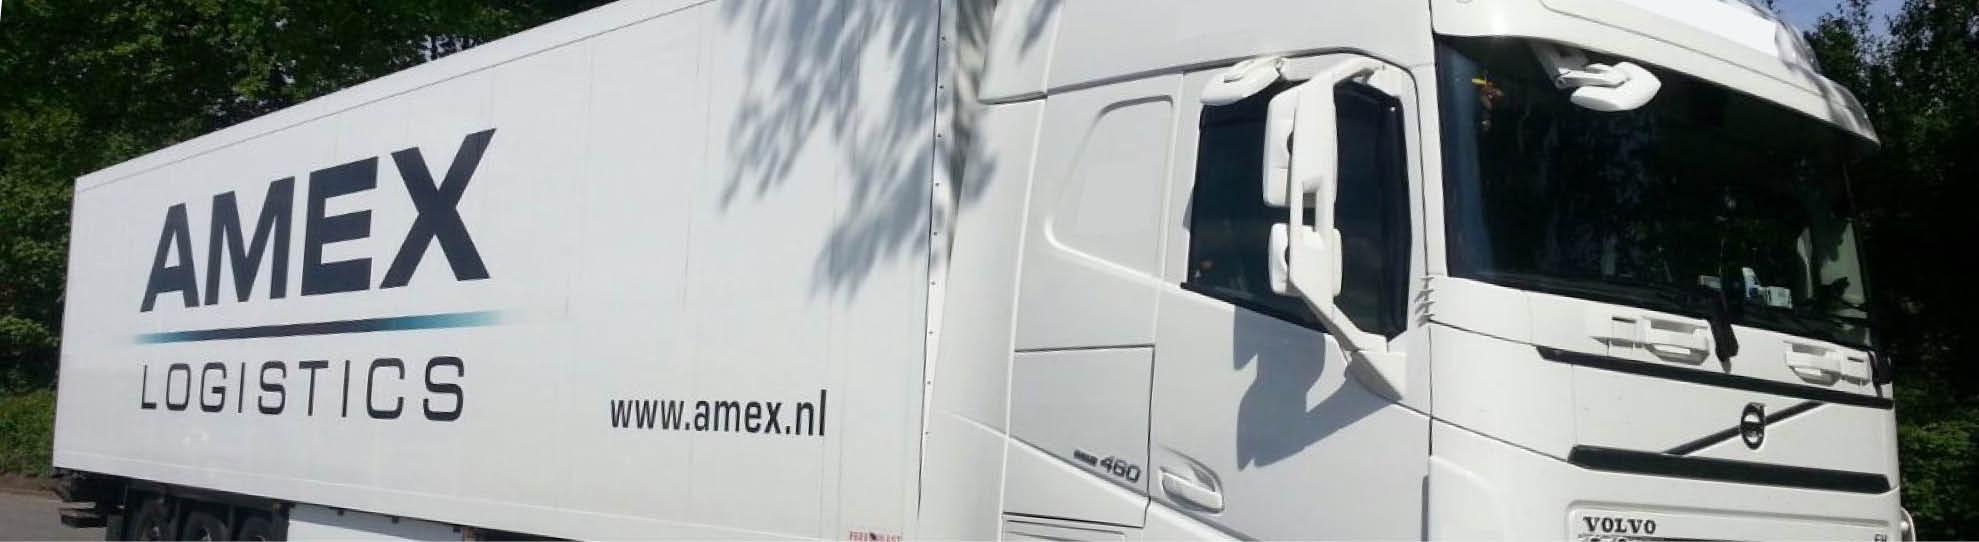 amex_international